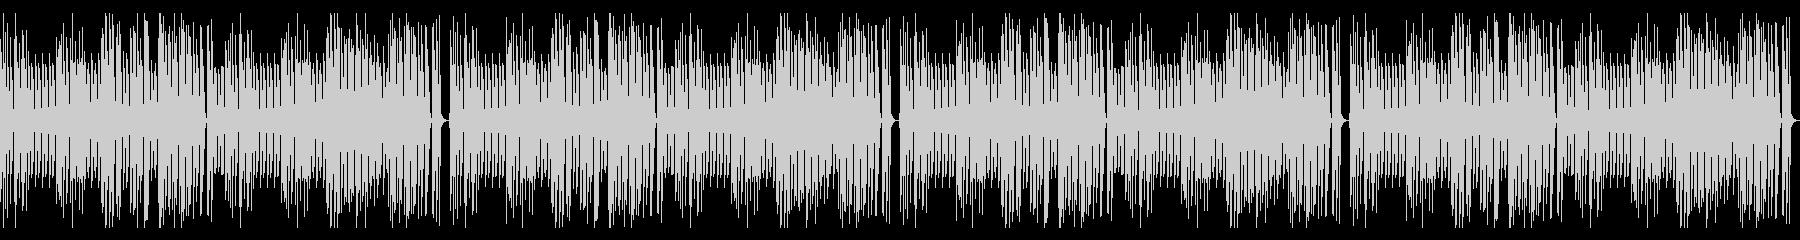 ほのぼの 日常 配信 ピアノ ループ可の未再生の波形